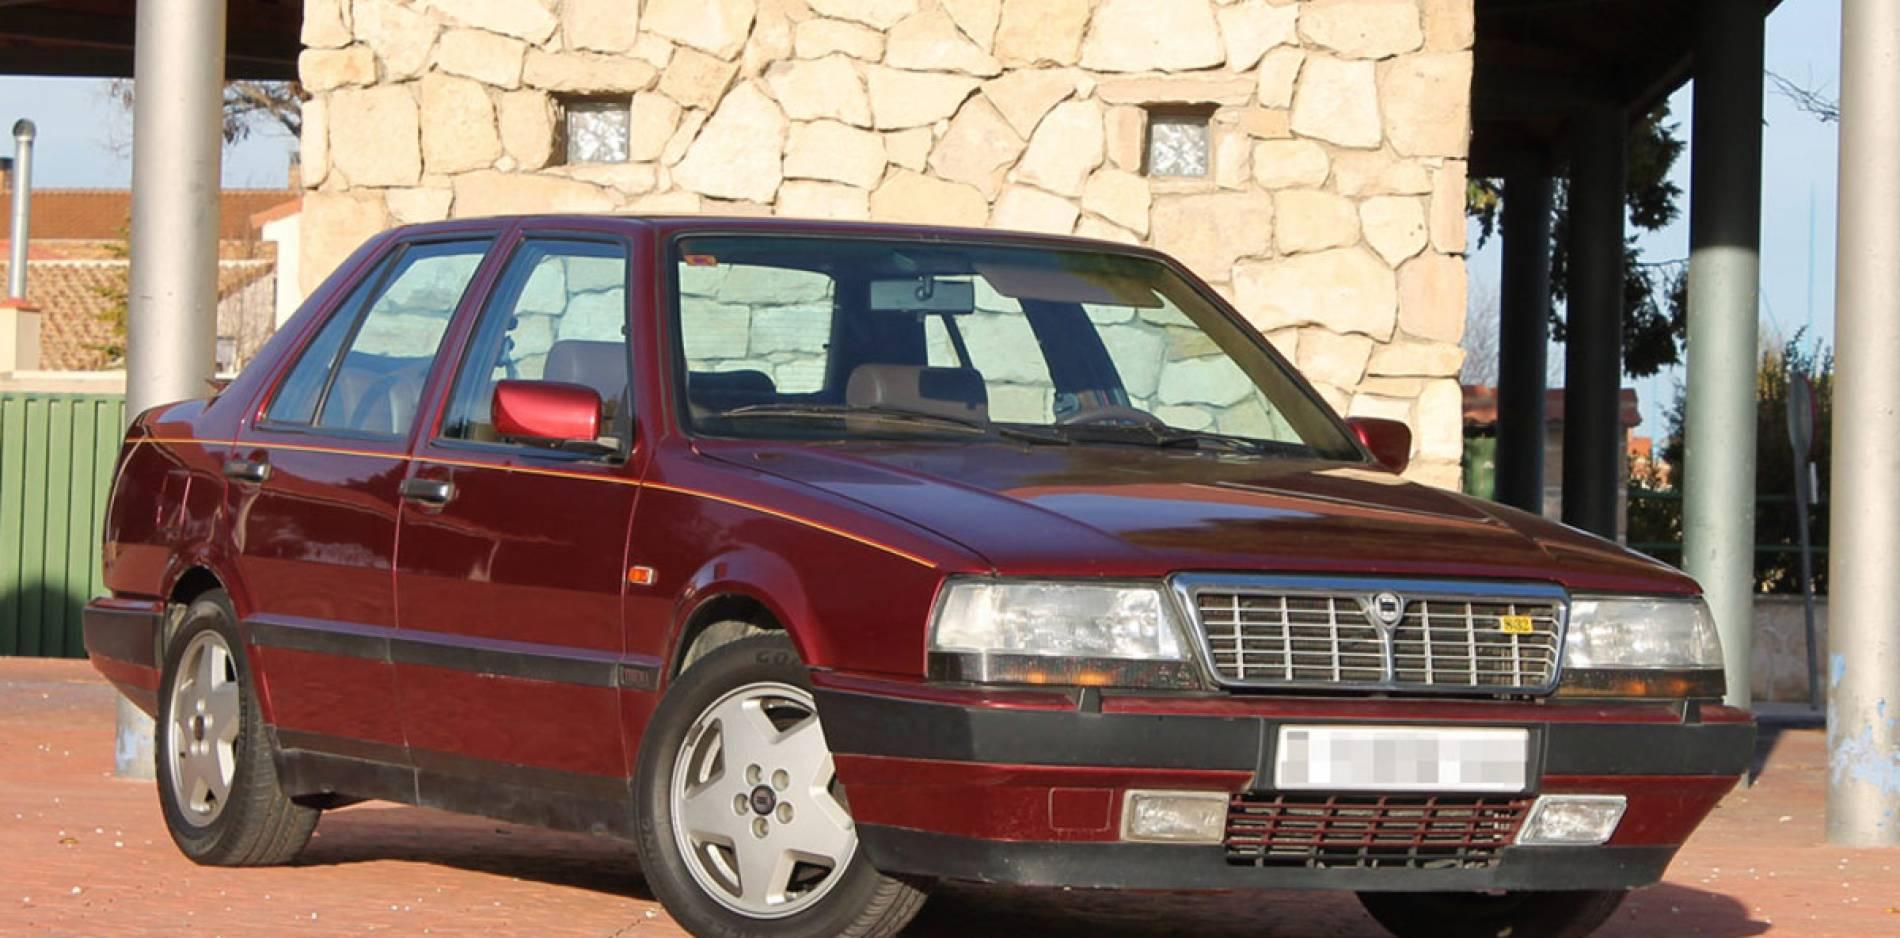 Prueba del Lancia Thema 8.32 Ferrari: la belleza está en el interior